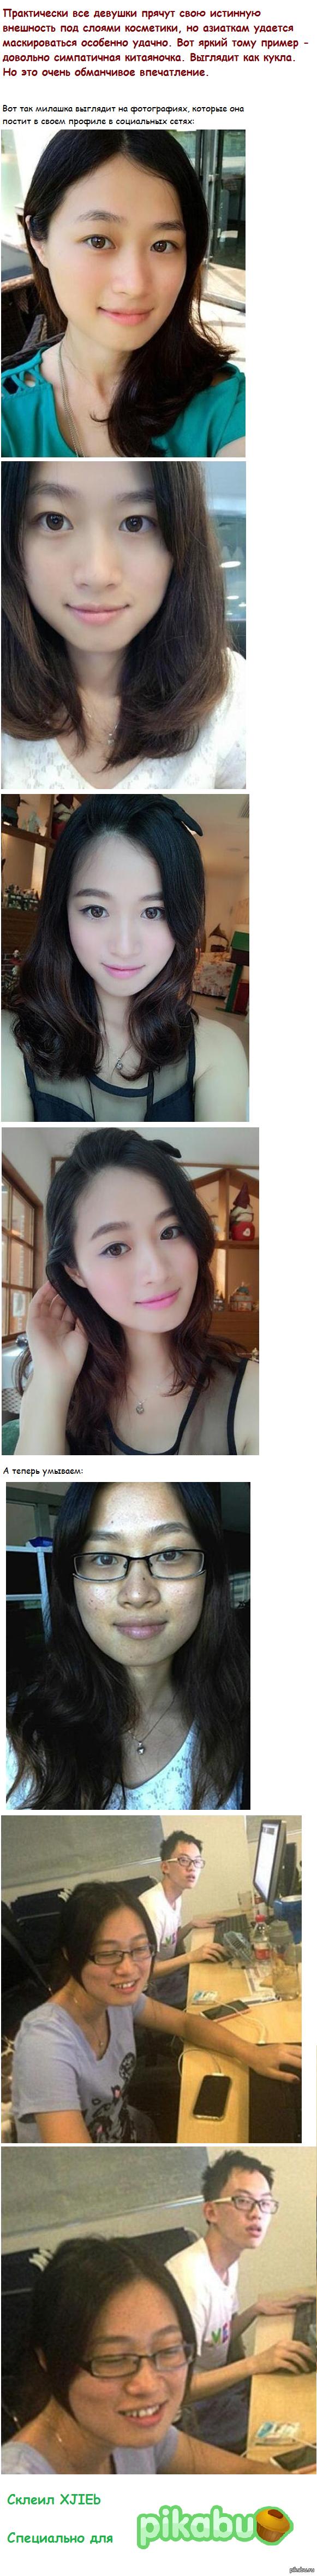 Такие милые китаянки фото 19 фотография